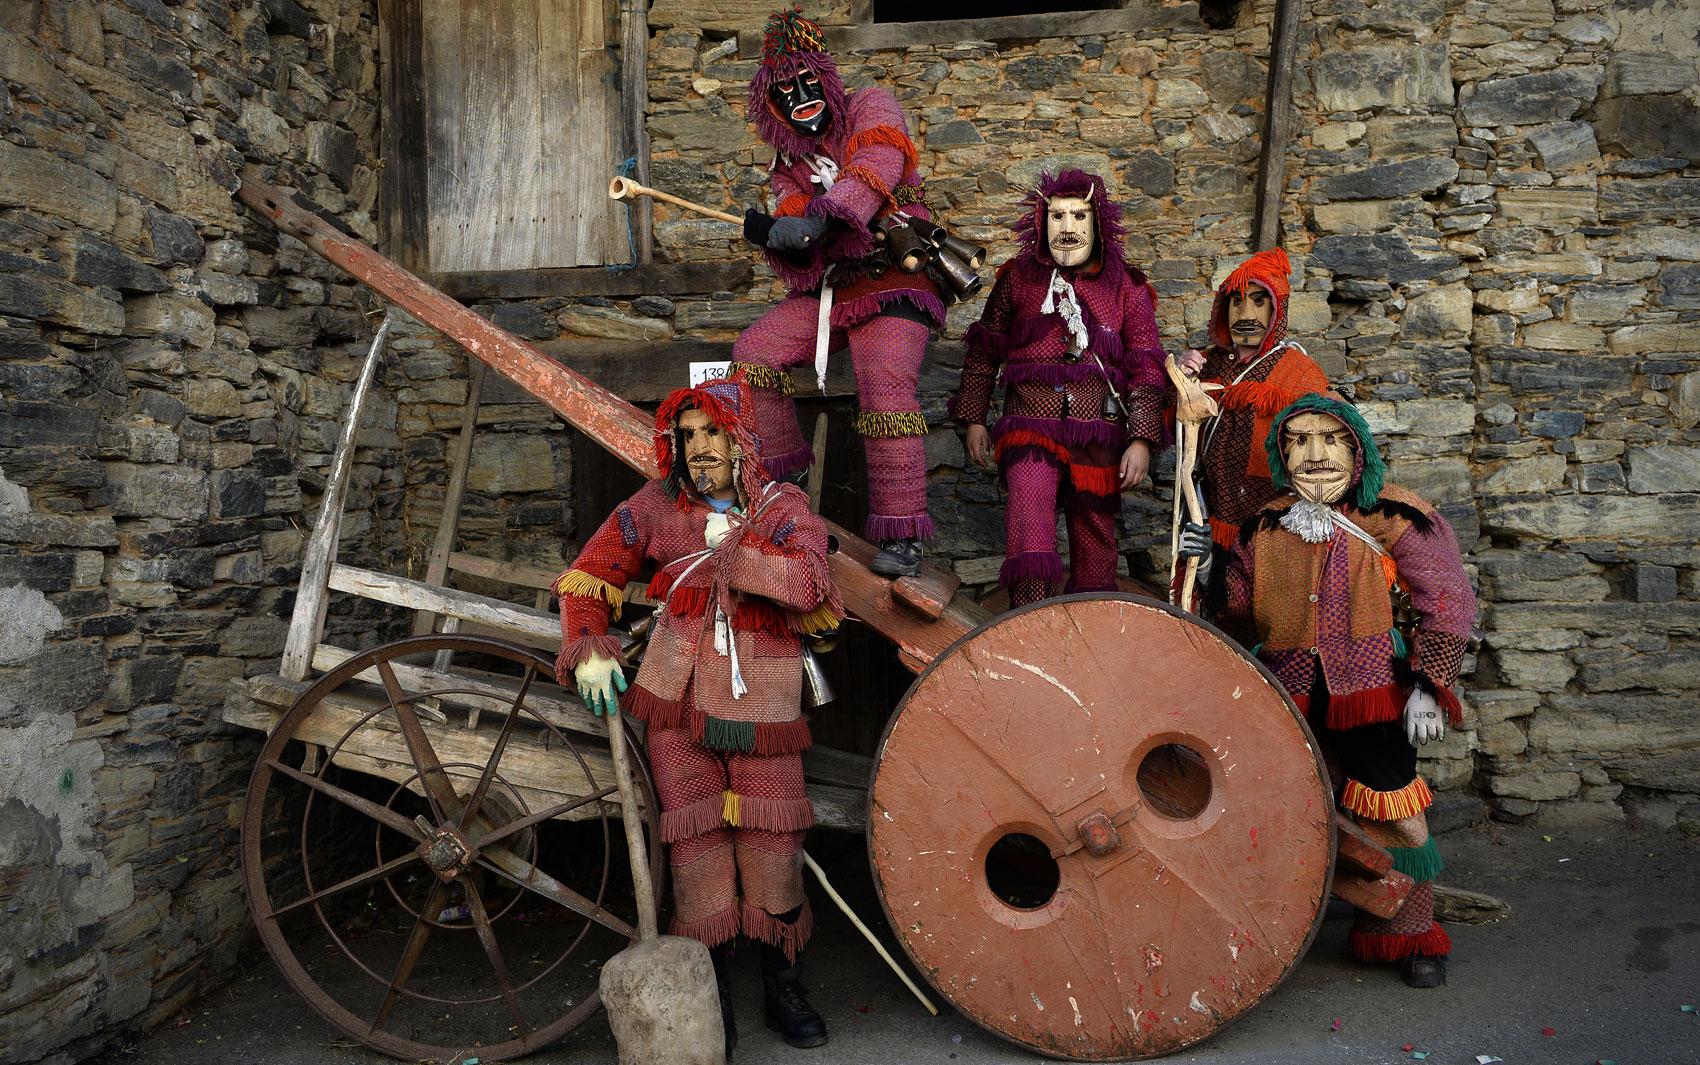 17/02 - Foliões usam máscaras de madeira durante o tradicional carnaval celta 'Caretos', em Vila Boa de Ousilhão, em Portugal